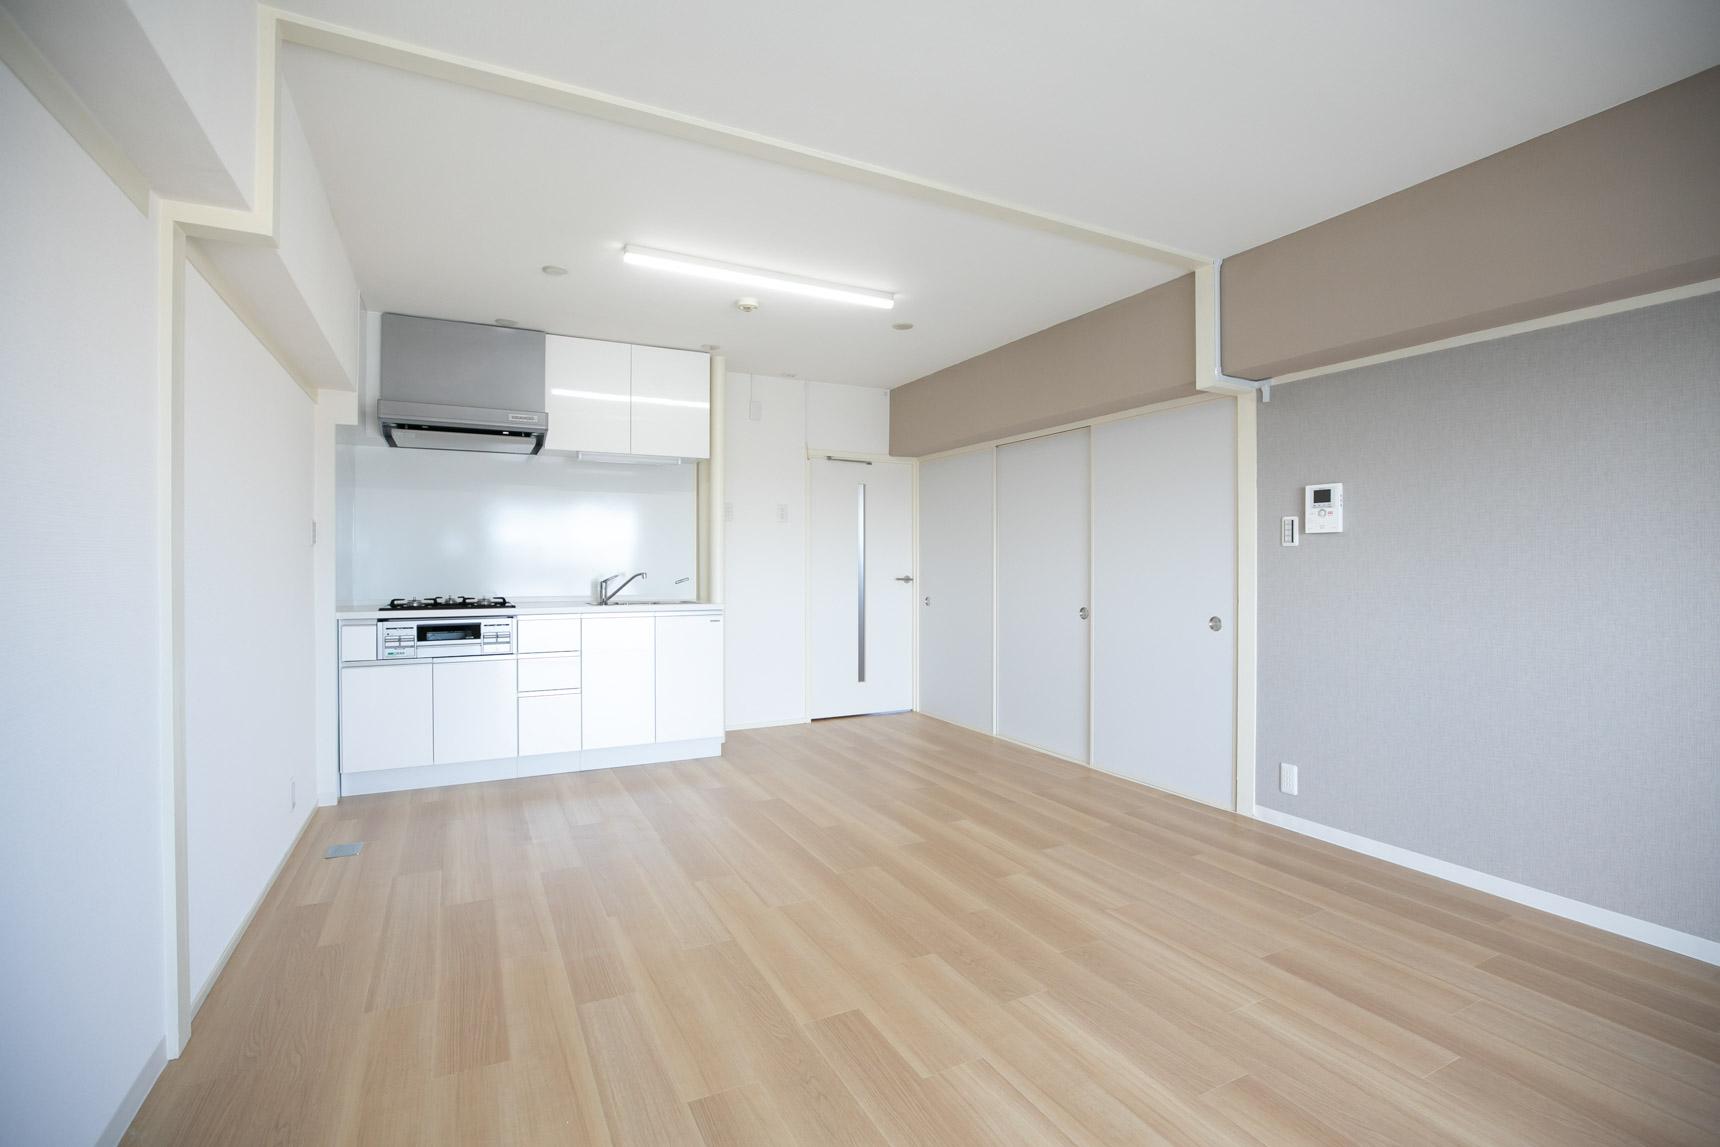 リノベーションのお部屋には、床の色がもう少し明るめの「ナチュラル」カラーもあります。自分の好きなインテリアに合わせて選びたいですね。